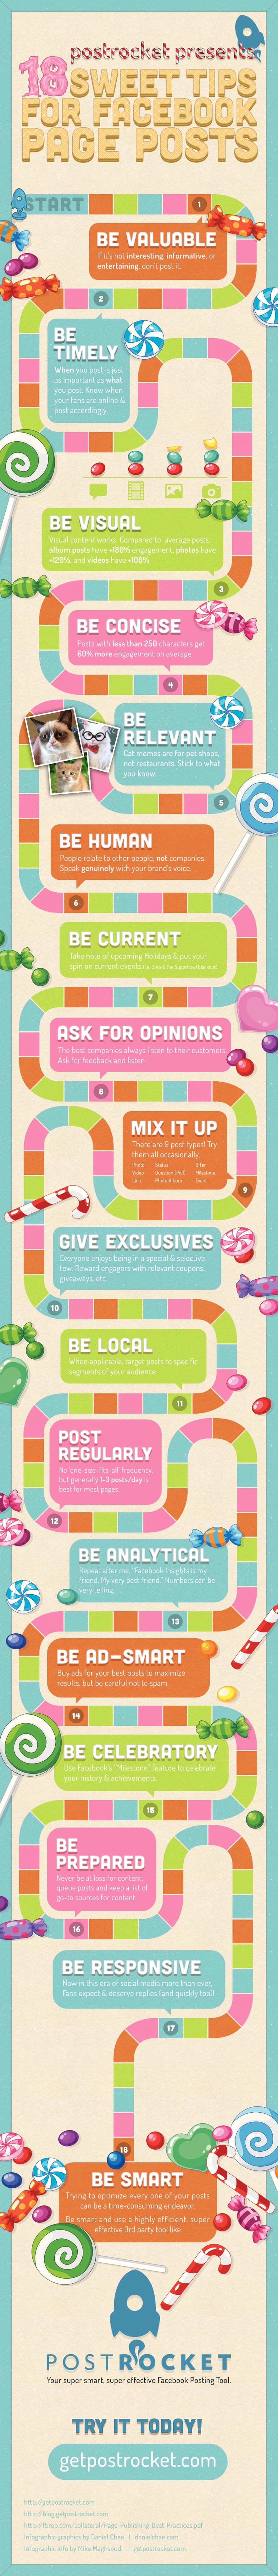 Infographie : 18 conseils pour optimiser ses publications Facebook